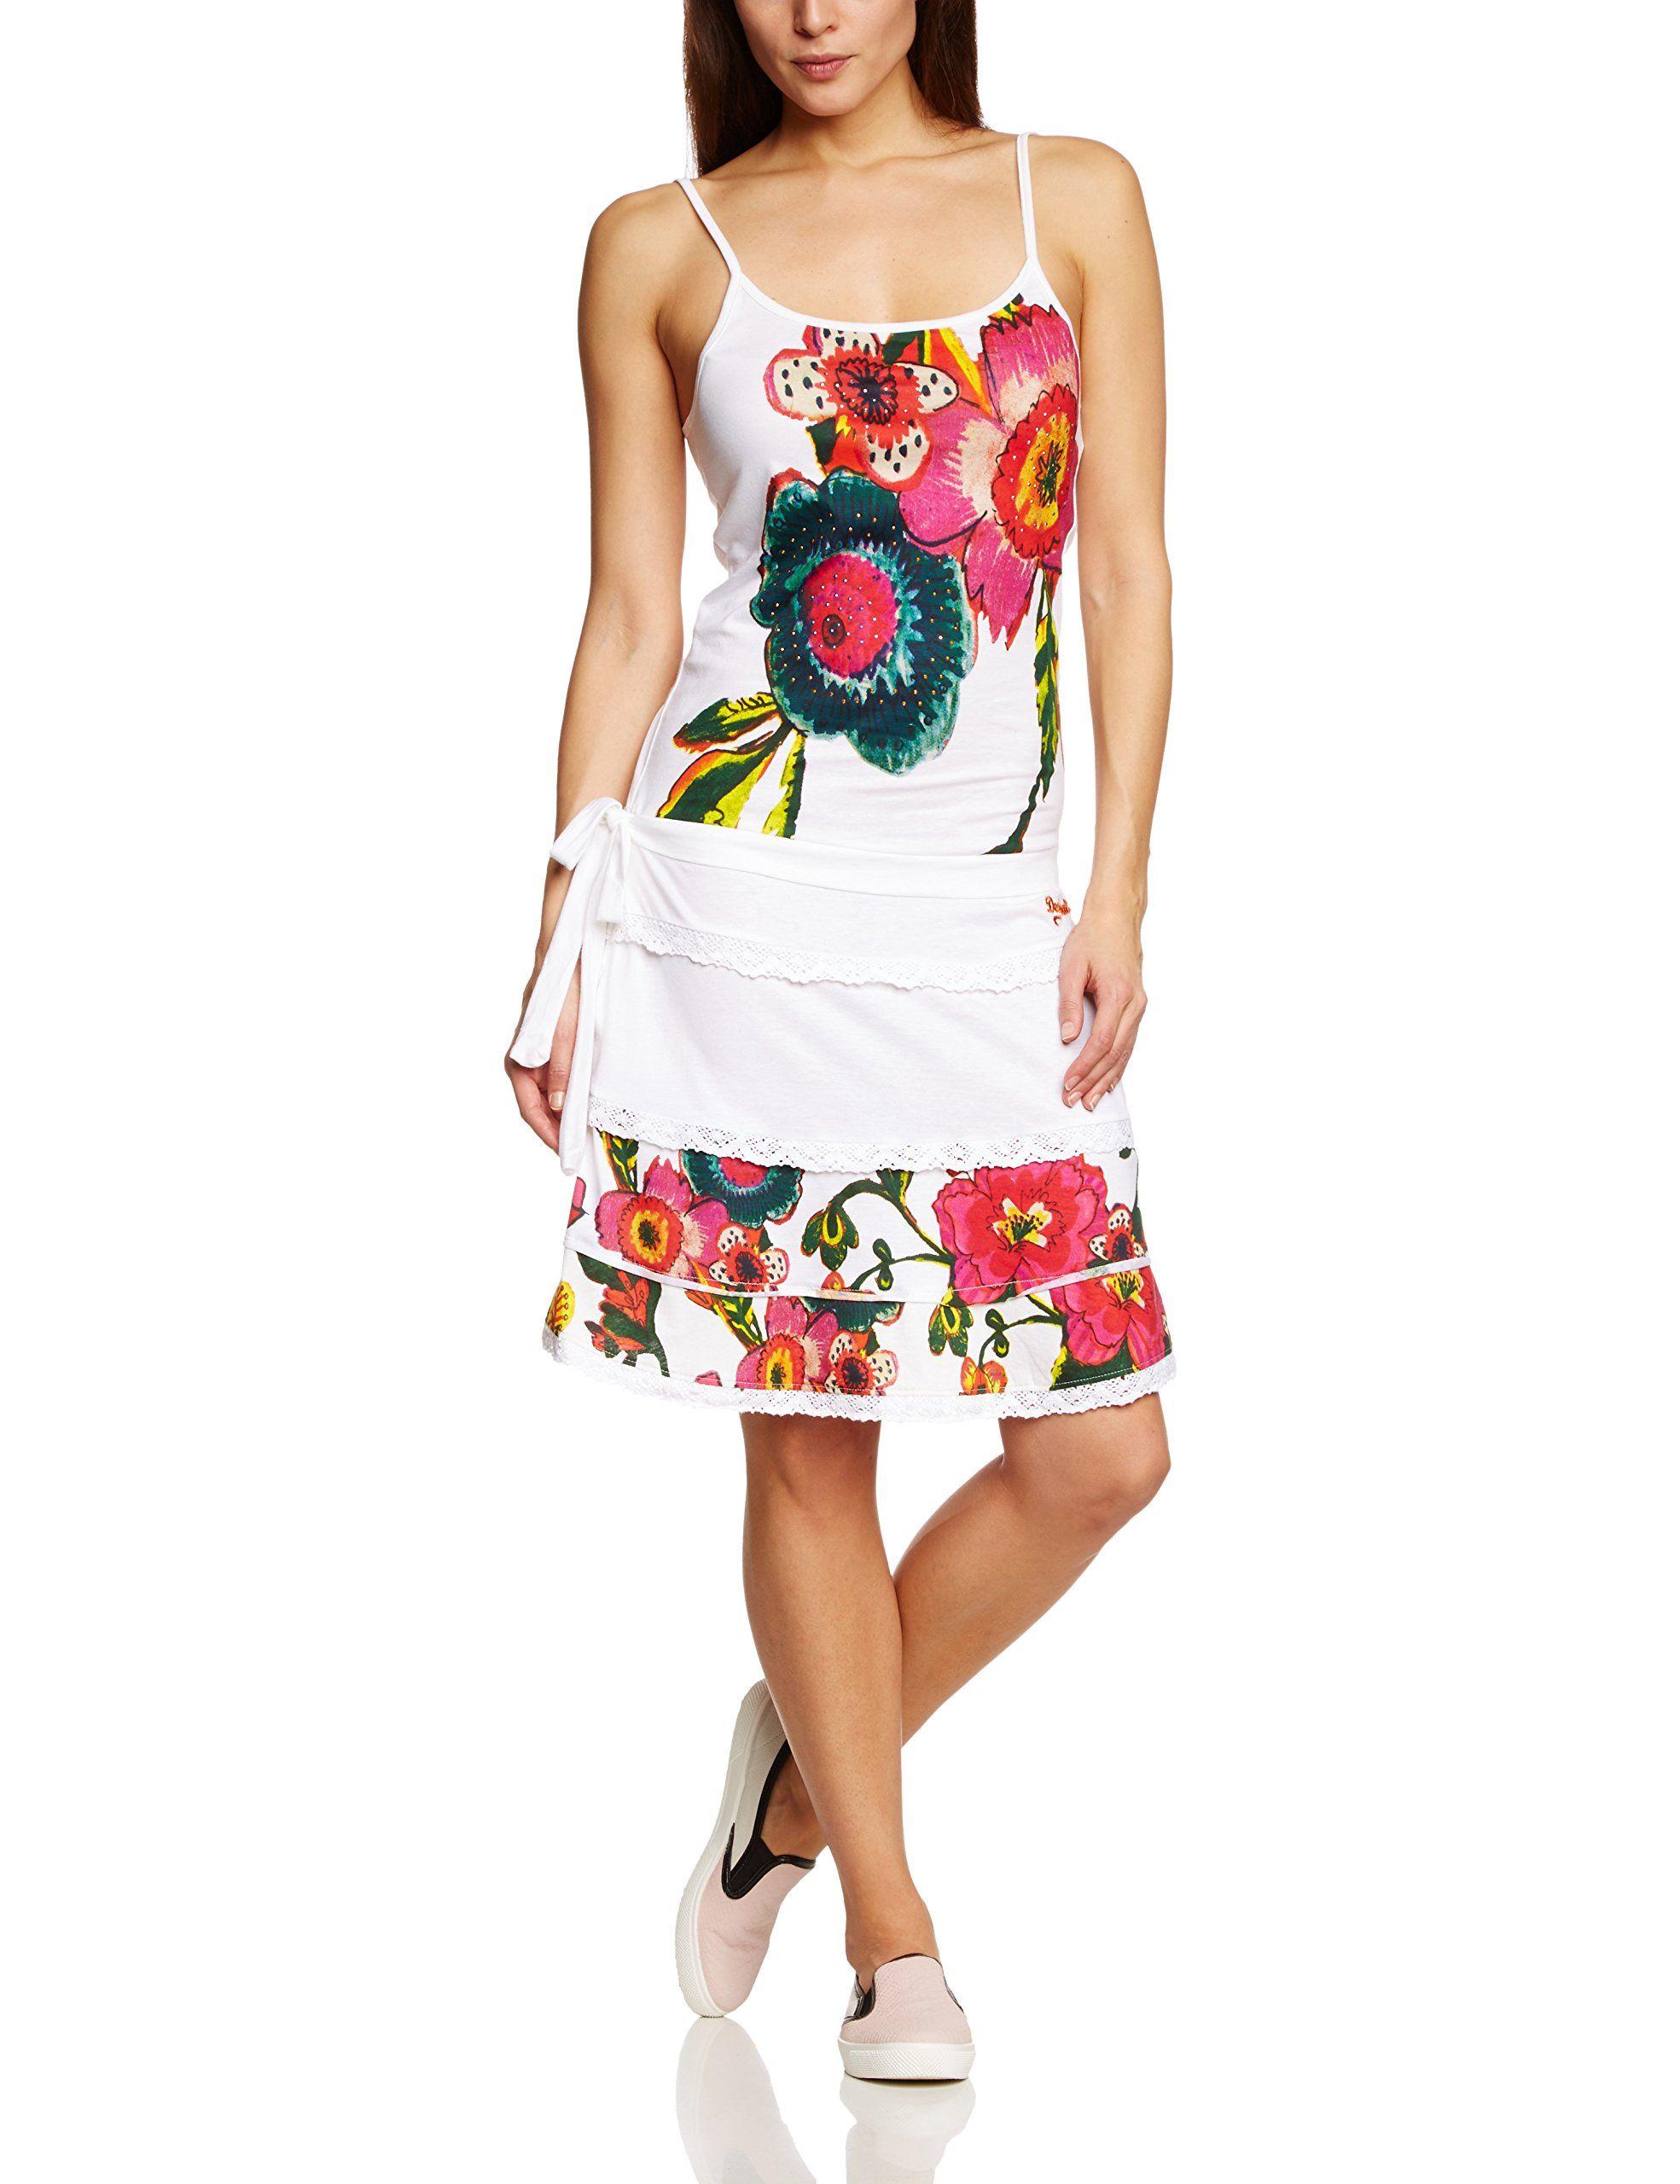 Desigual Vermond - Robe - Asymétrique - Imprimé - Sans manche - Femme -  Blanc (Blanco) - FR  36 (Taille fabricant  XS) 9d02690d1a88